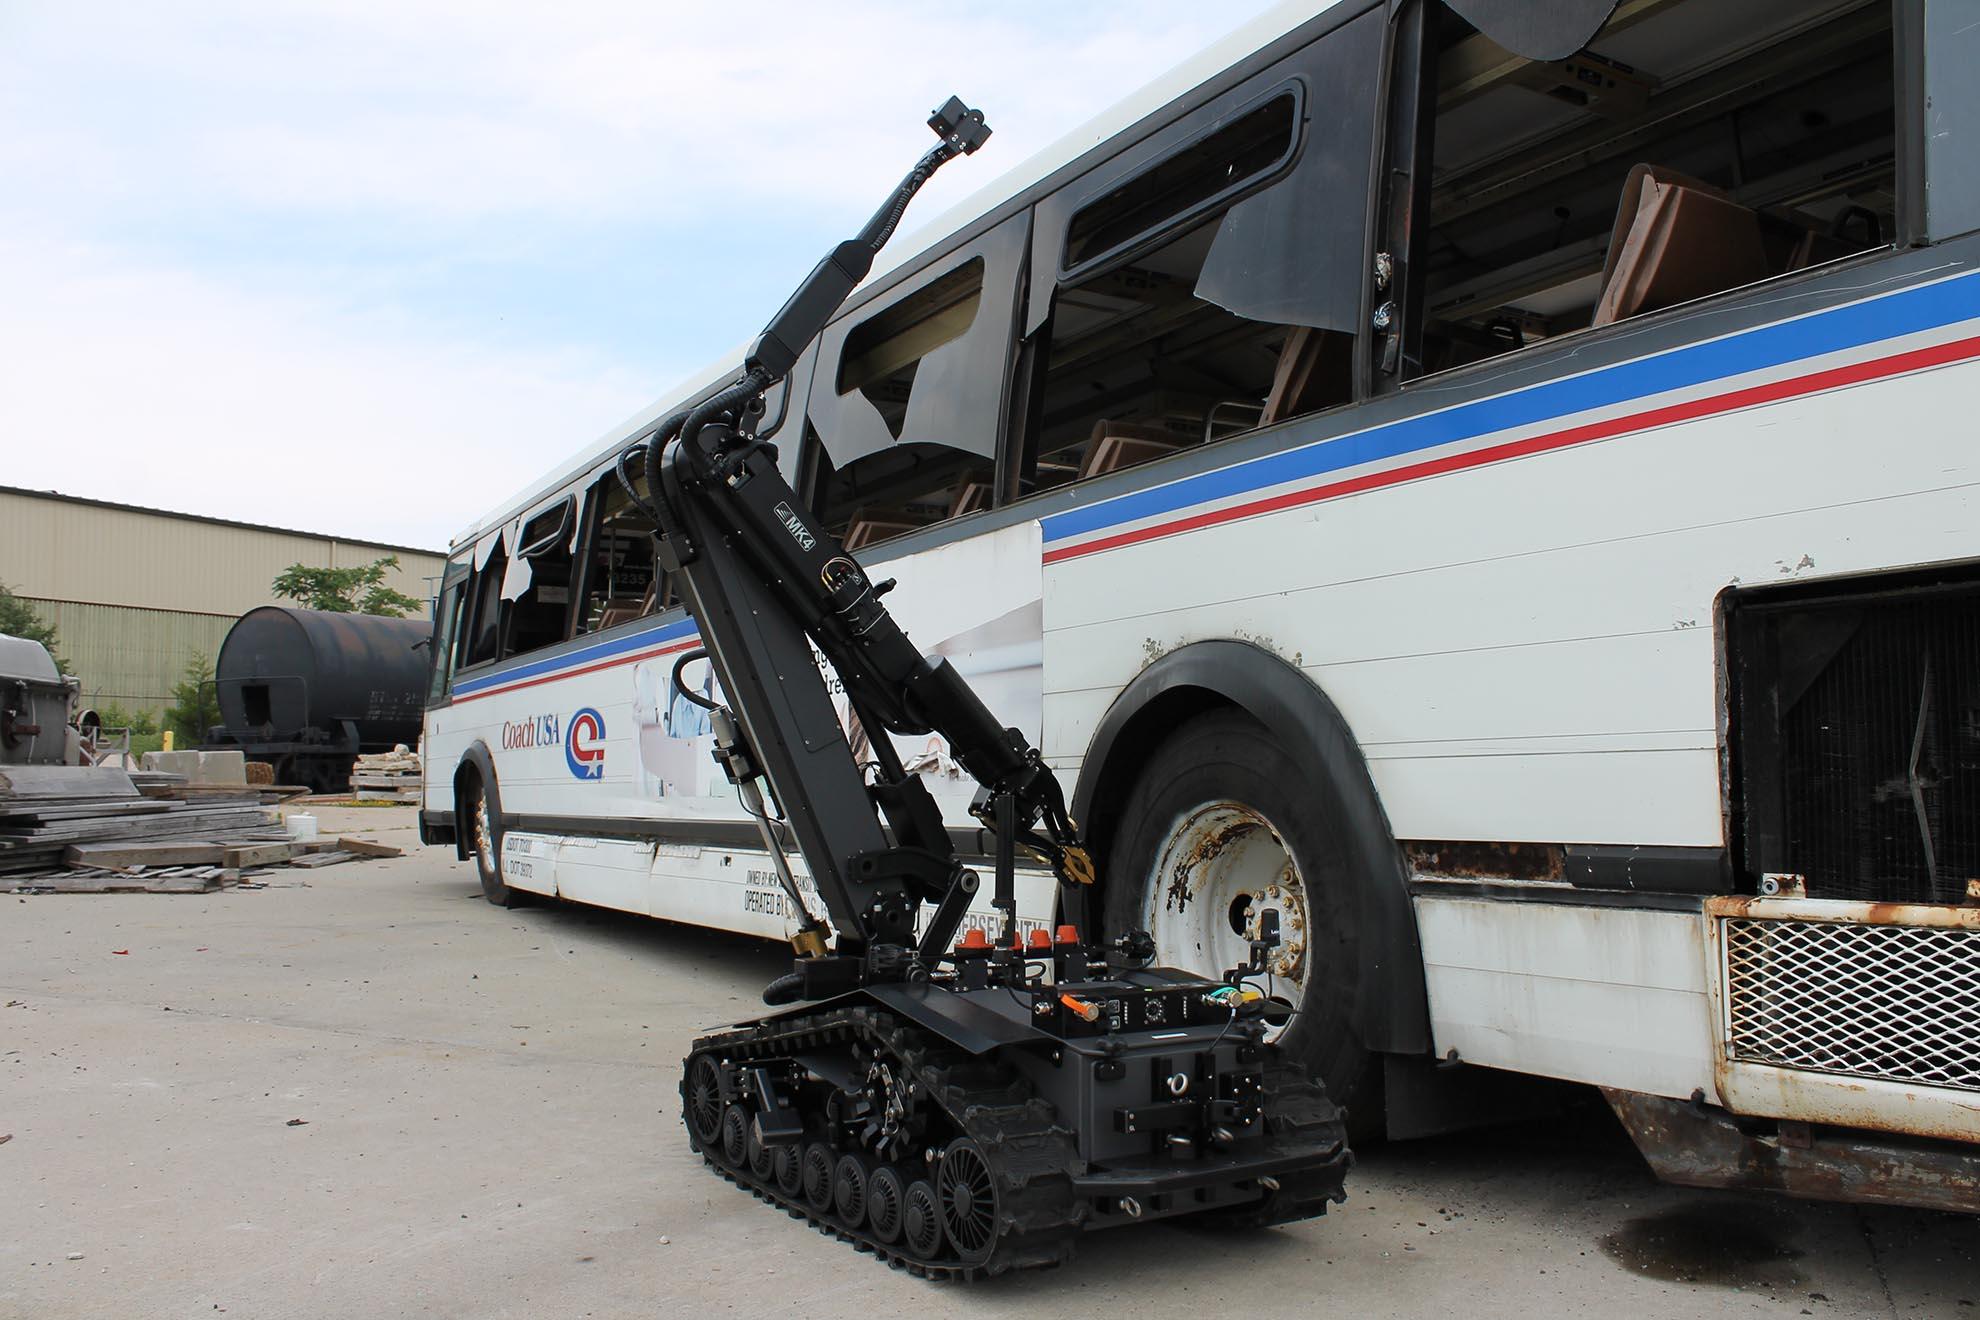 caliber-mk4-lvbied-robot-inspecting-bus